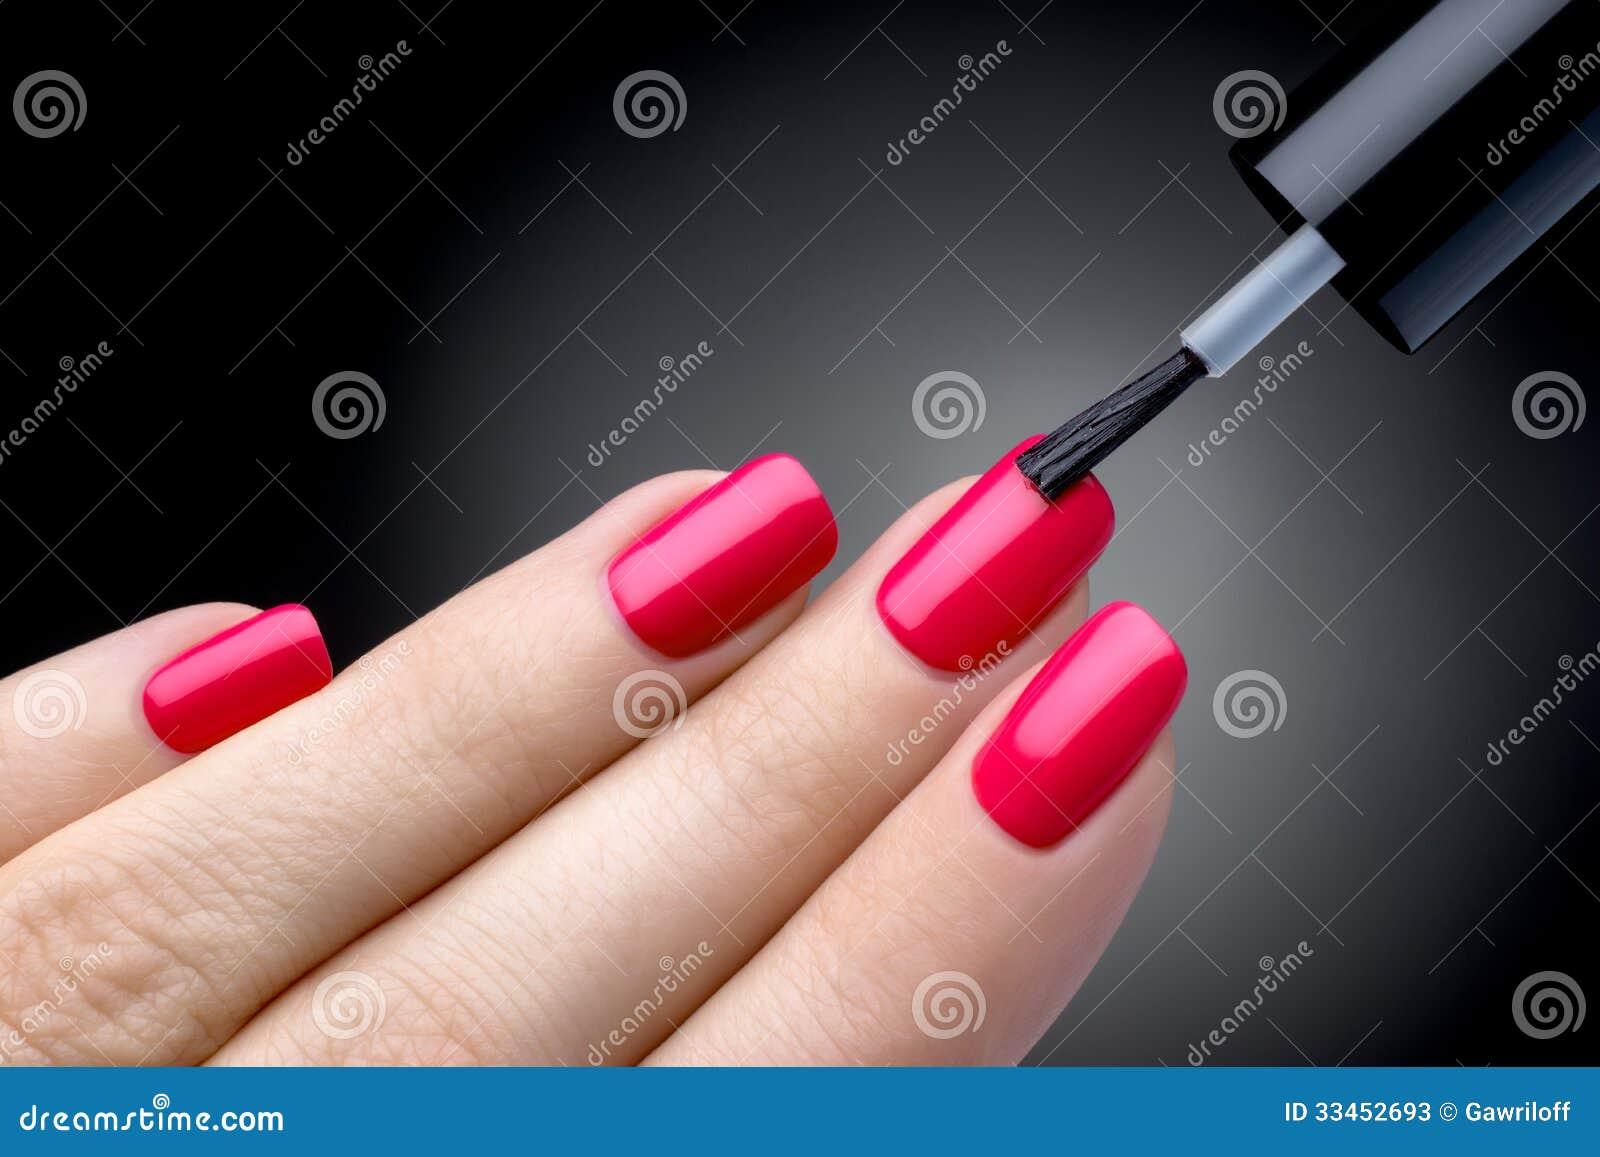 Mooi manicureproces. Nagellak die worden het toegepast om te overhandigen, poetsmiddel is een roze kleur.